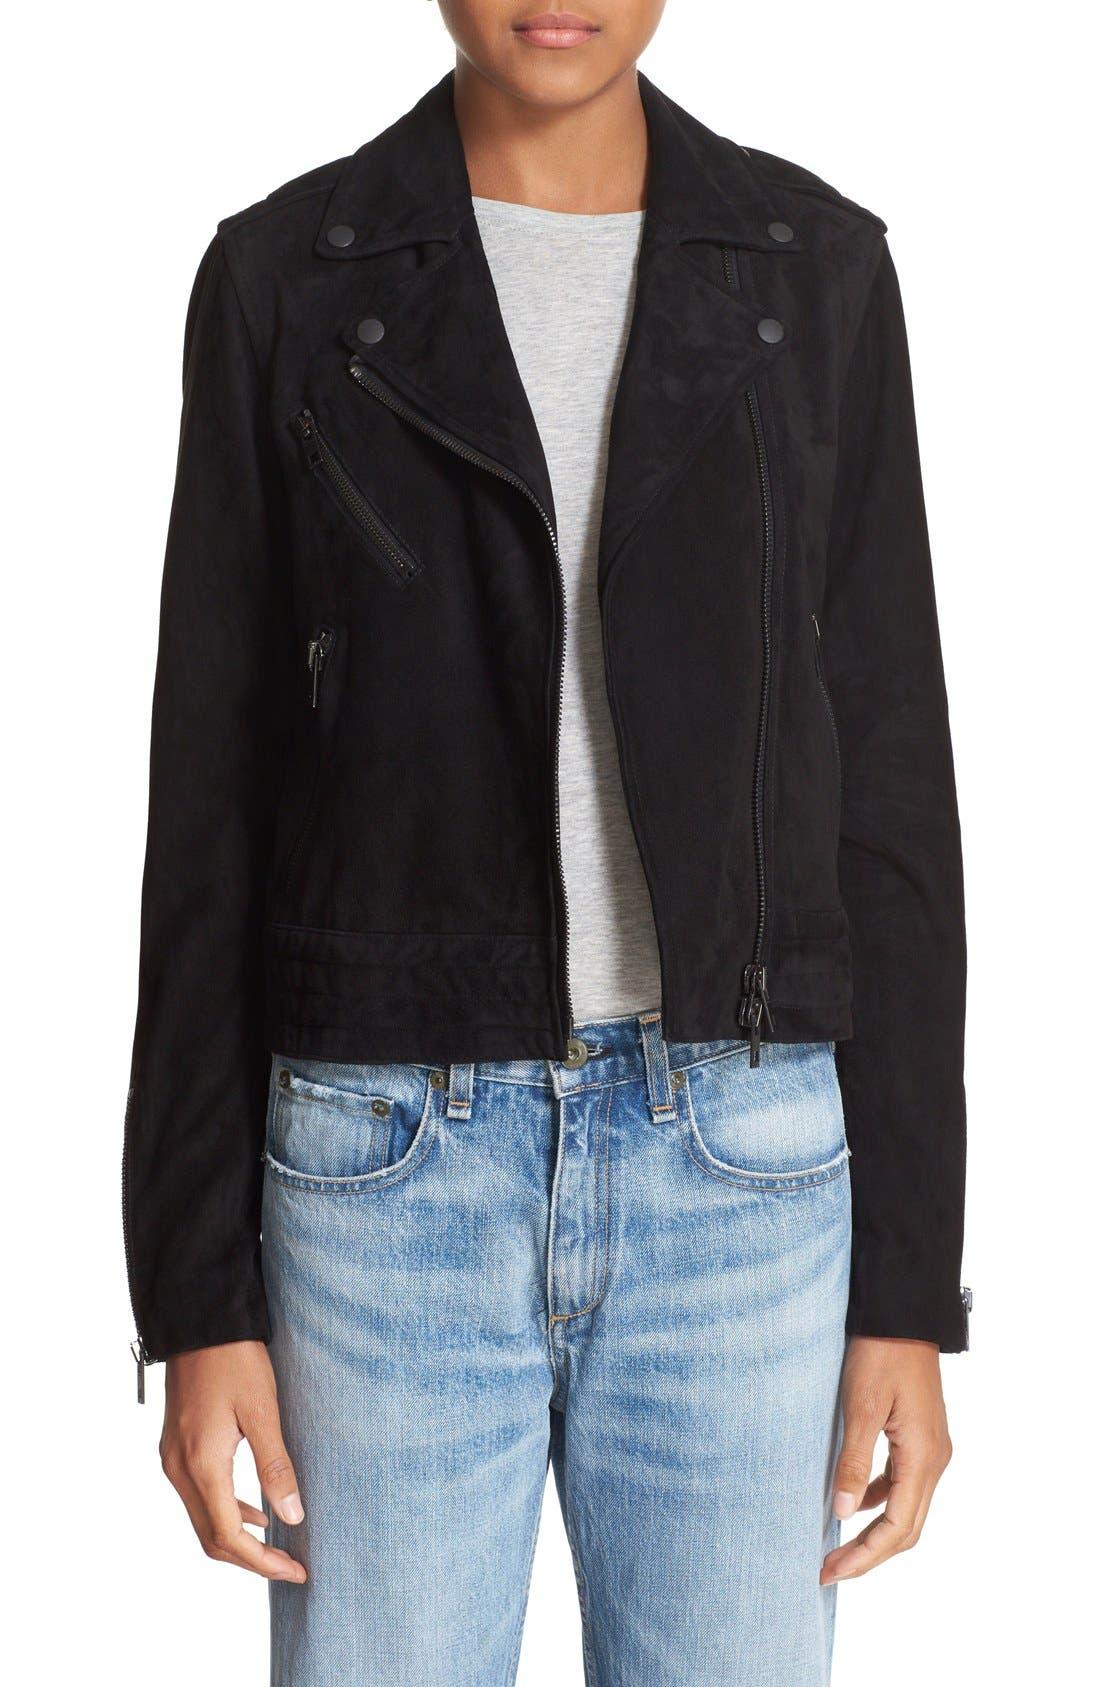 Alternate Image 1 Selected - rag & bone/JEAN 'Mercer' Suede Jacket